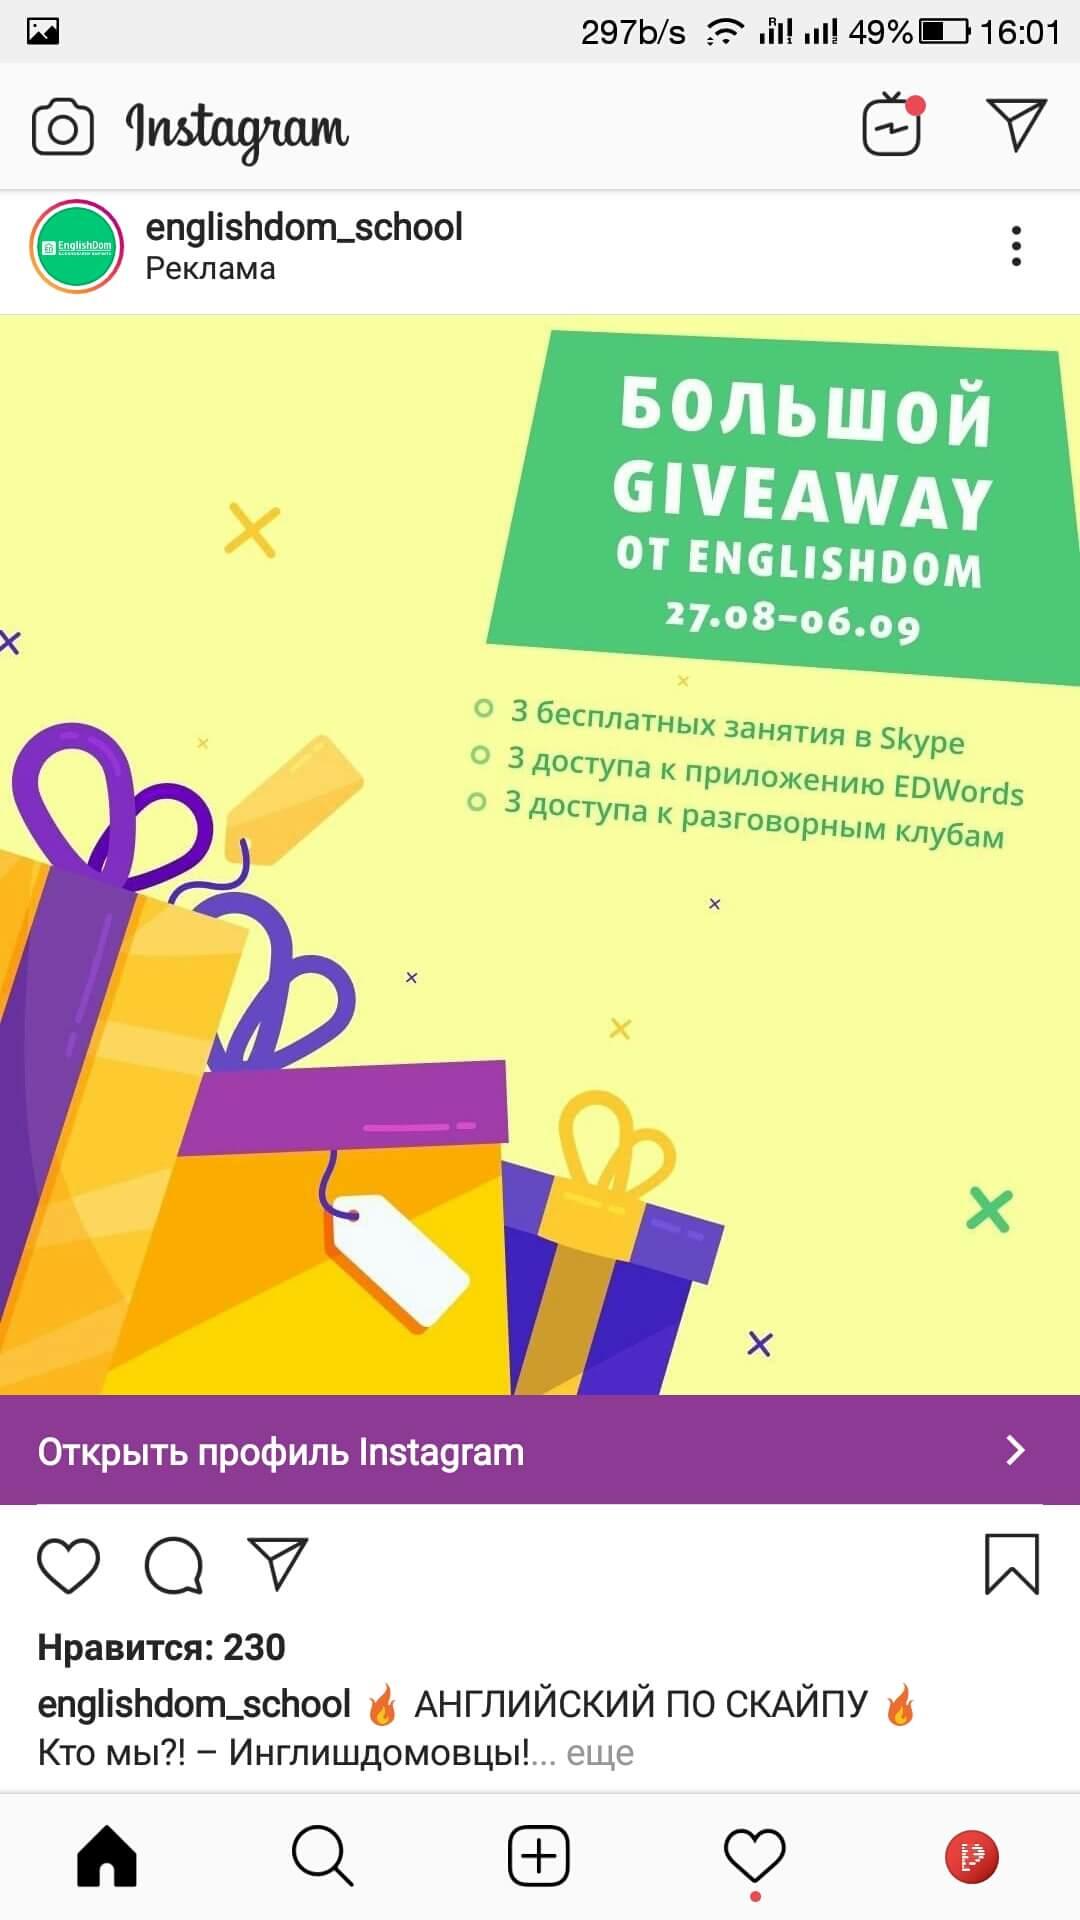 Реклама с фото в Инстаграм